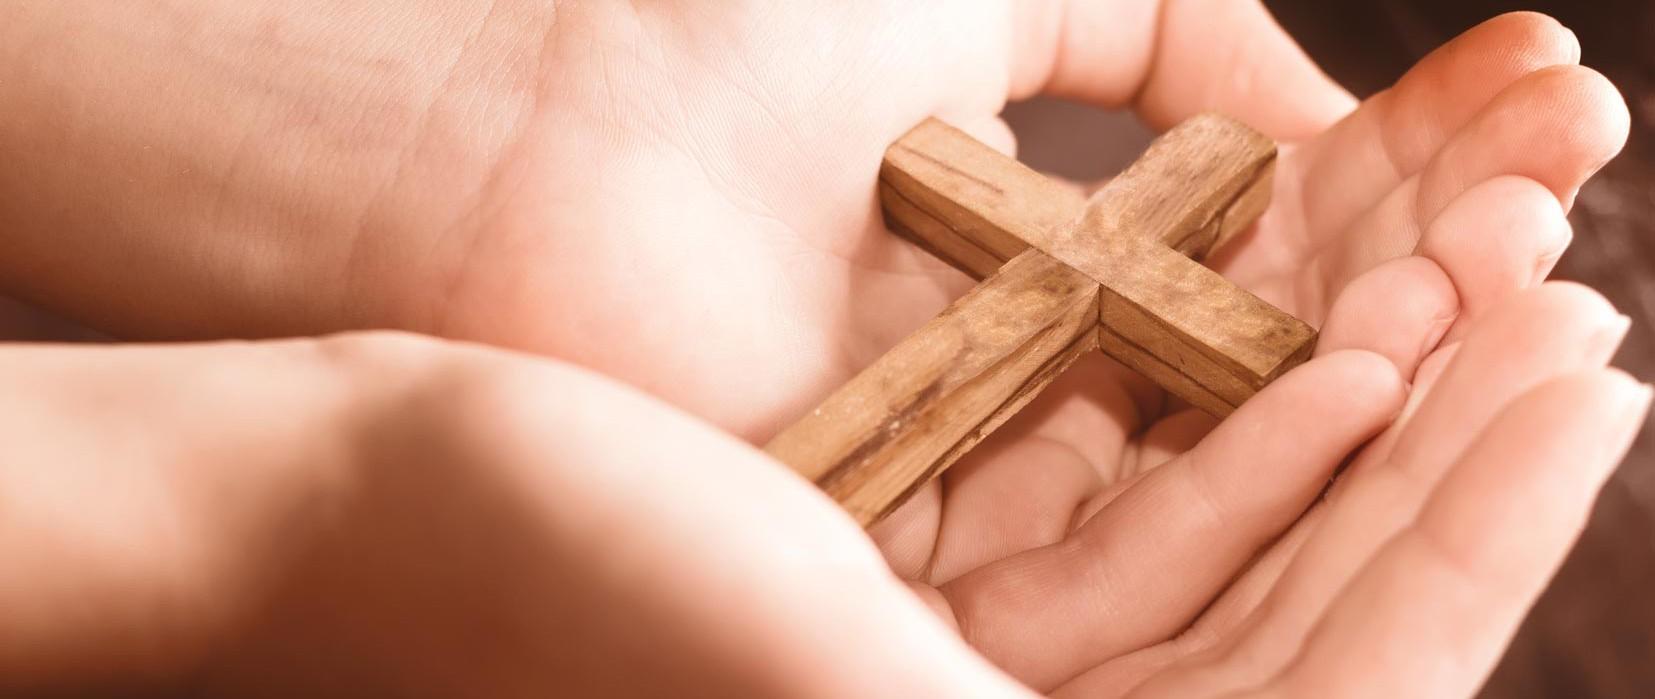 Hände mit Kreuz | Kirche Mitling-Mark